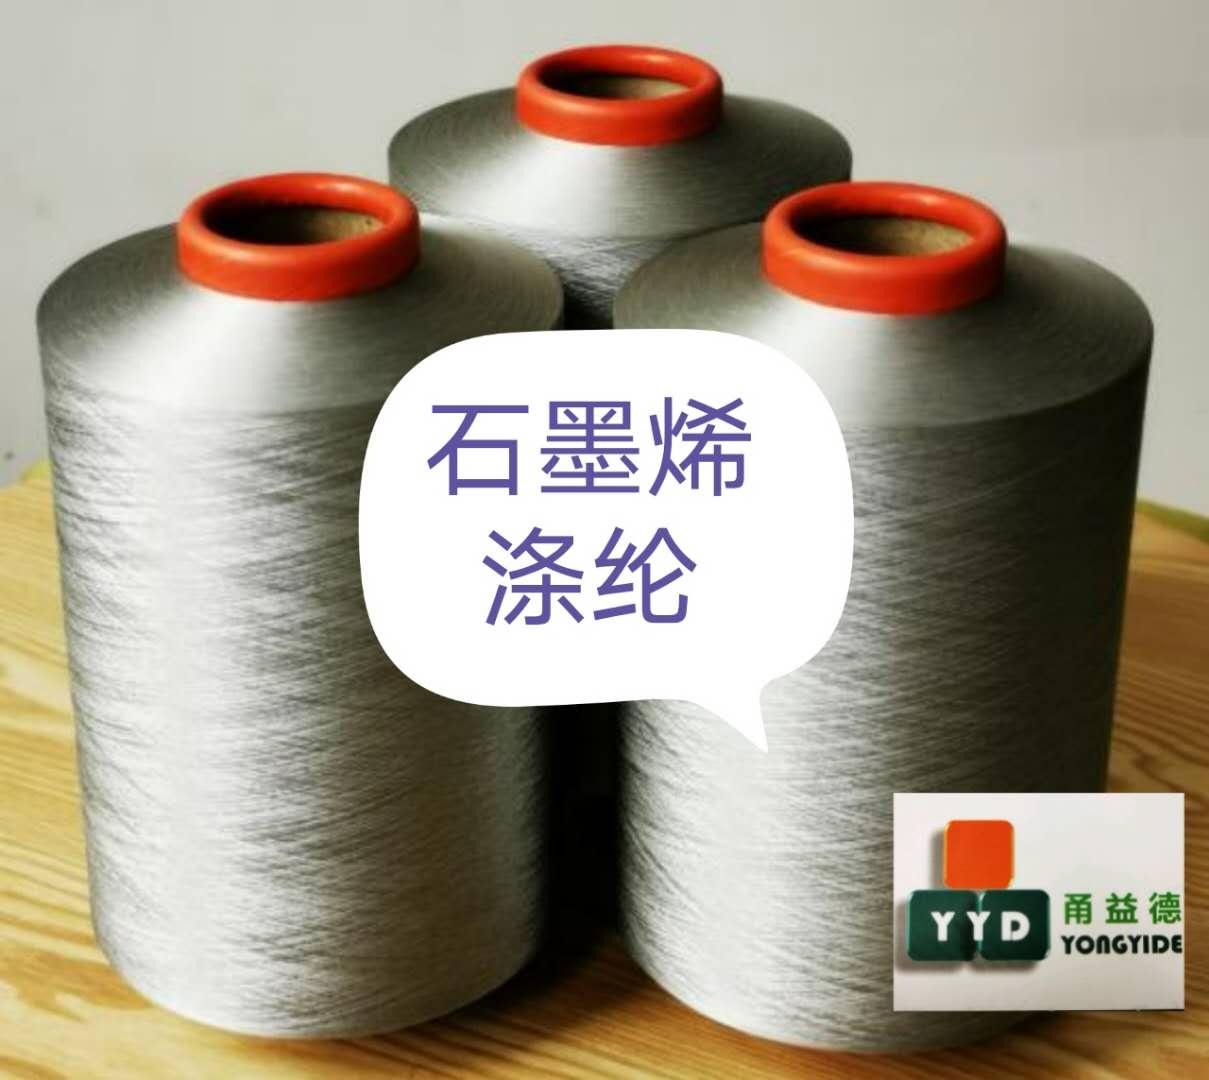 石墨烯改性涤纶 DTY75D/72F/宁波益德新材料有限公司